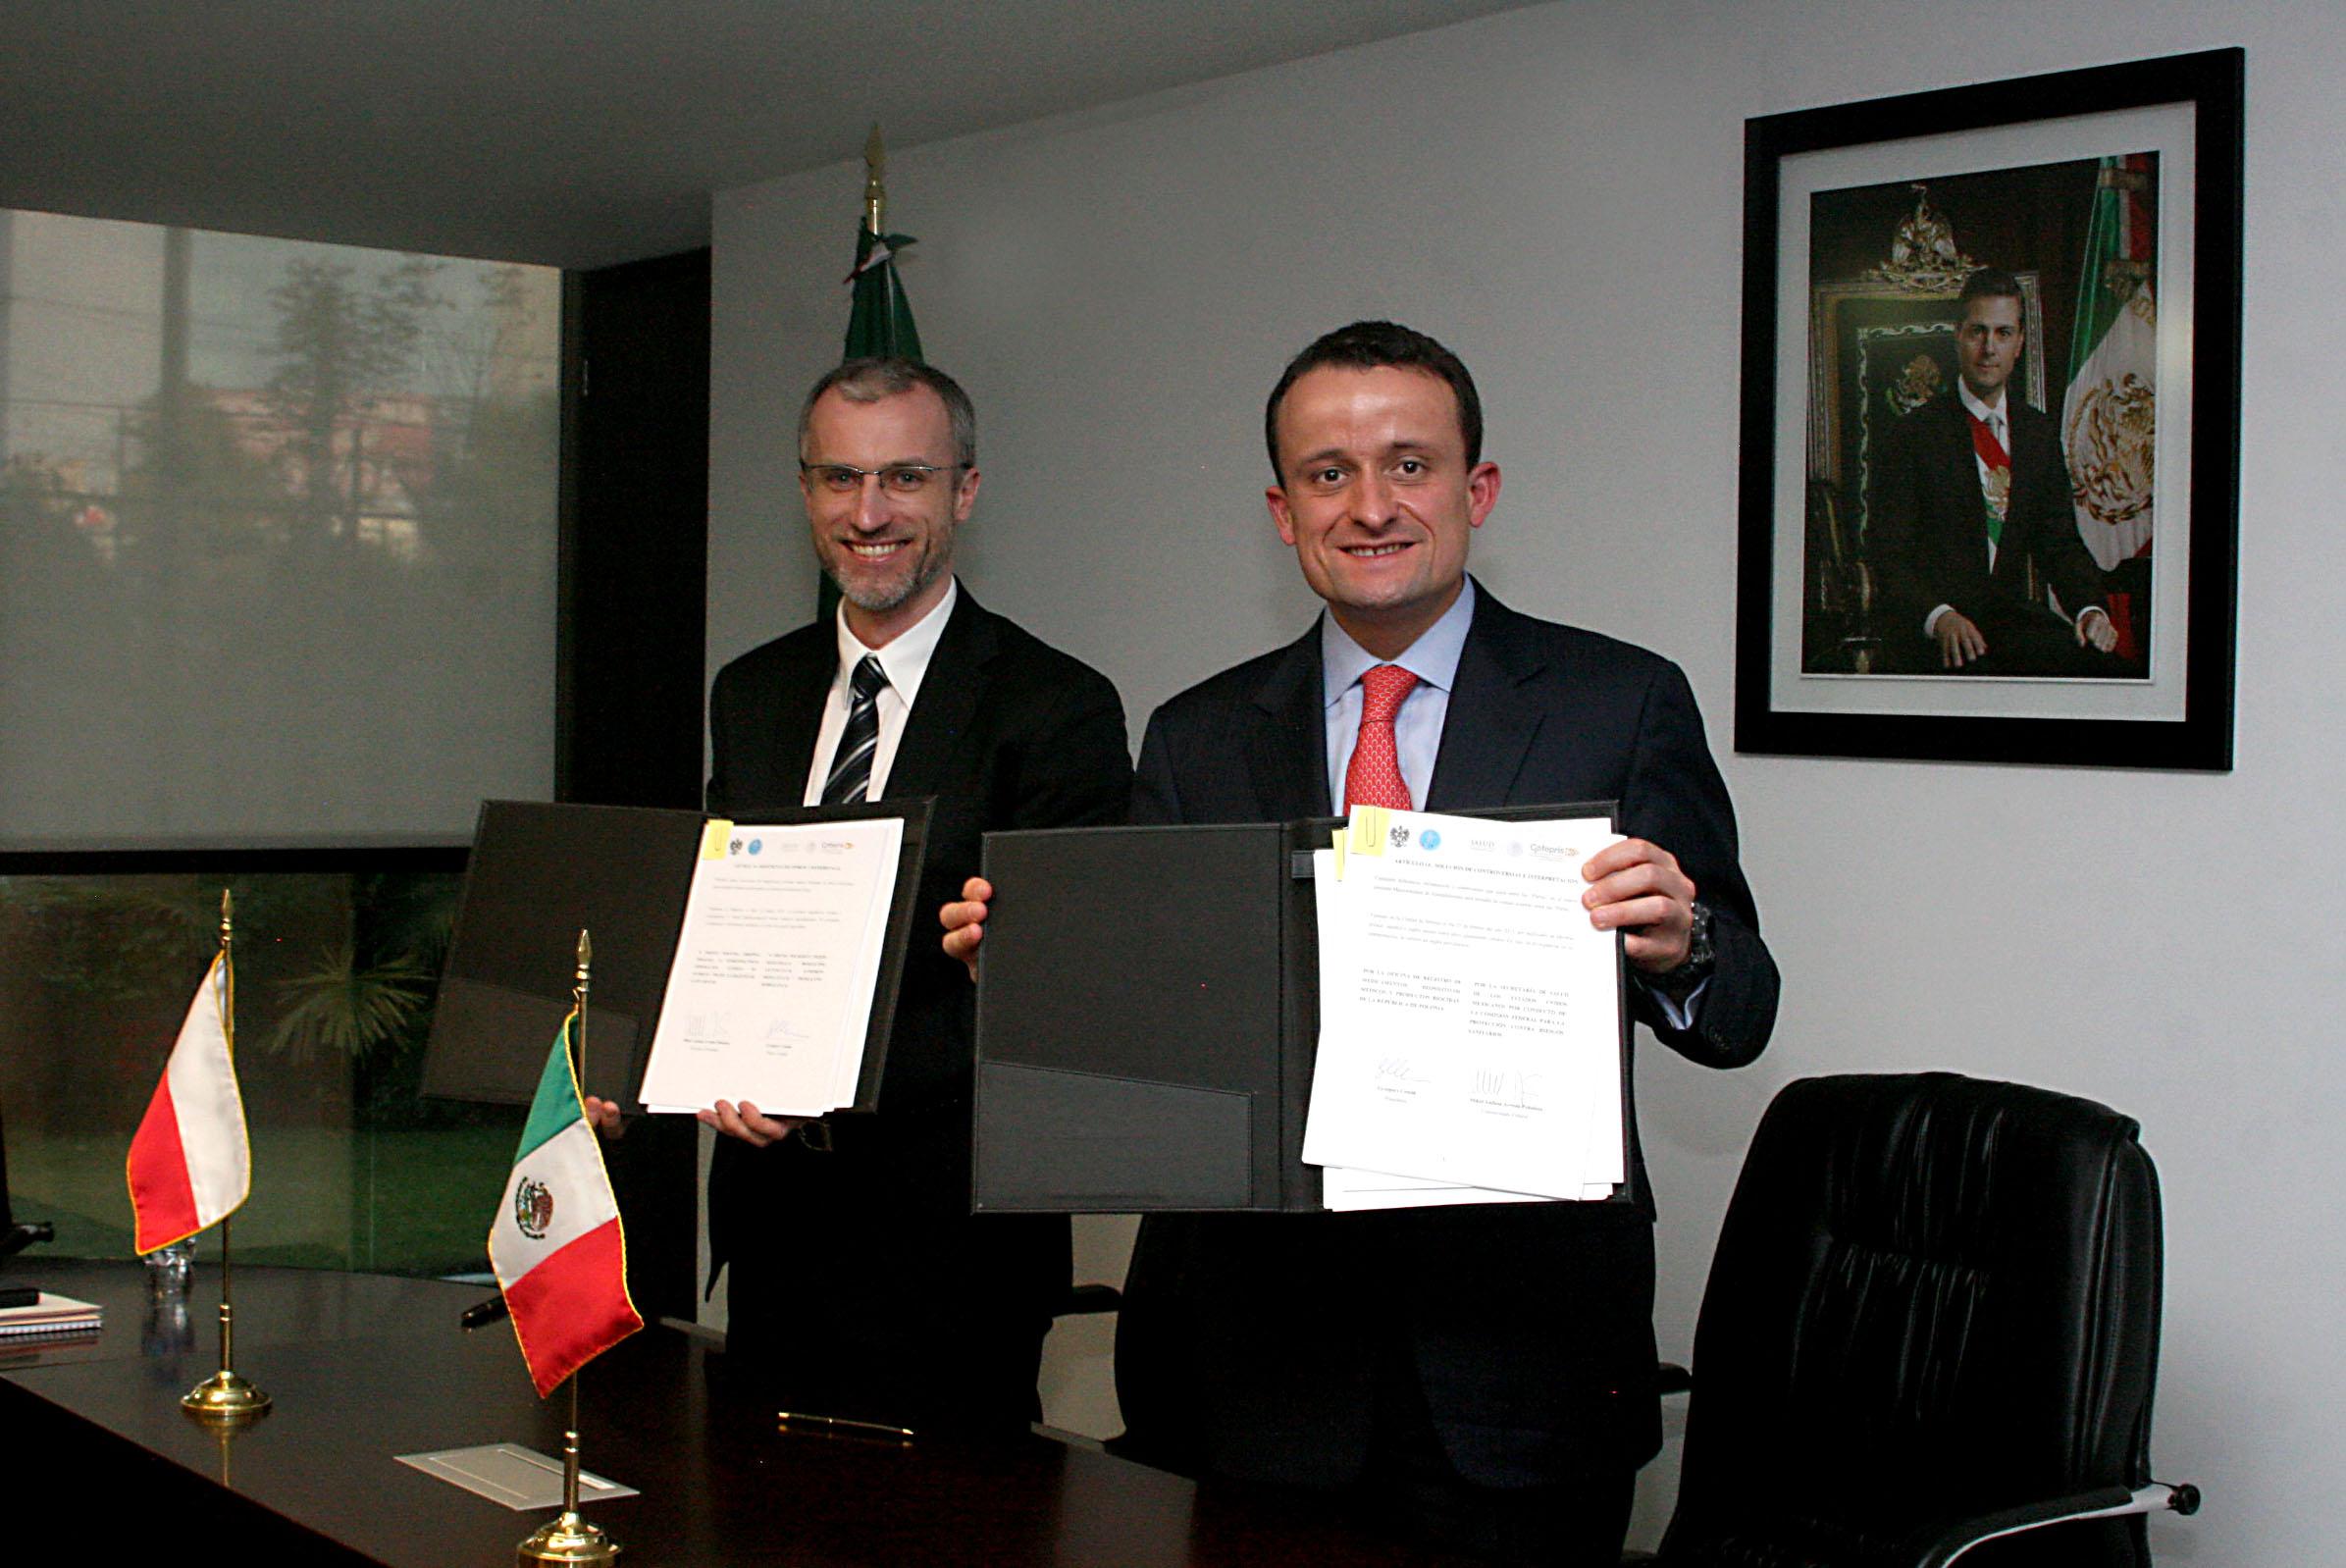 México y Polonia, comprometidos con las mejores prácticas regulatorias internacionales